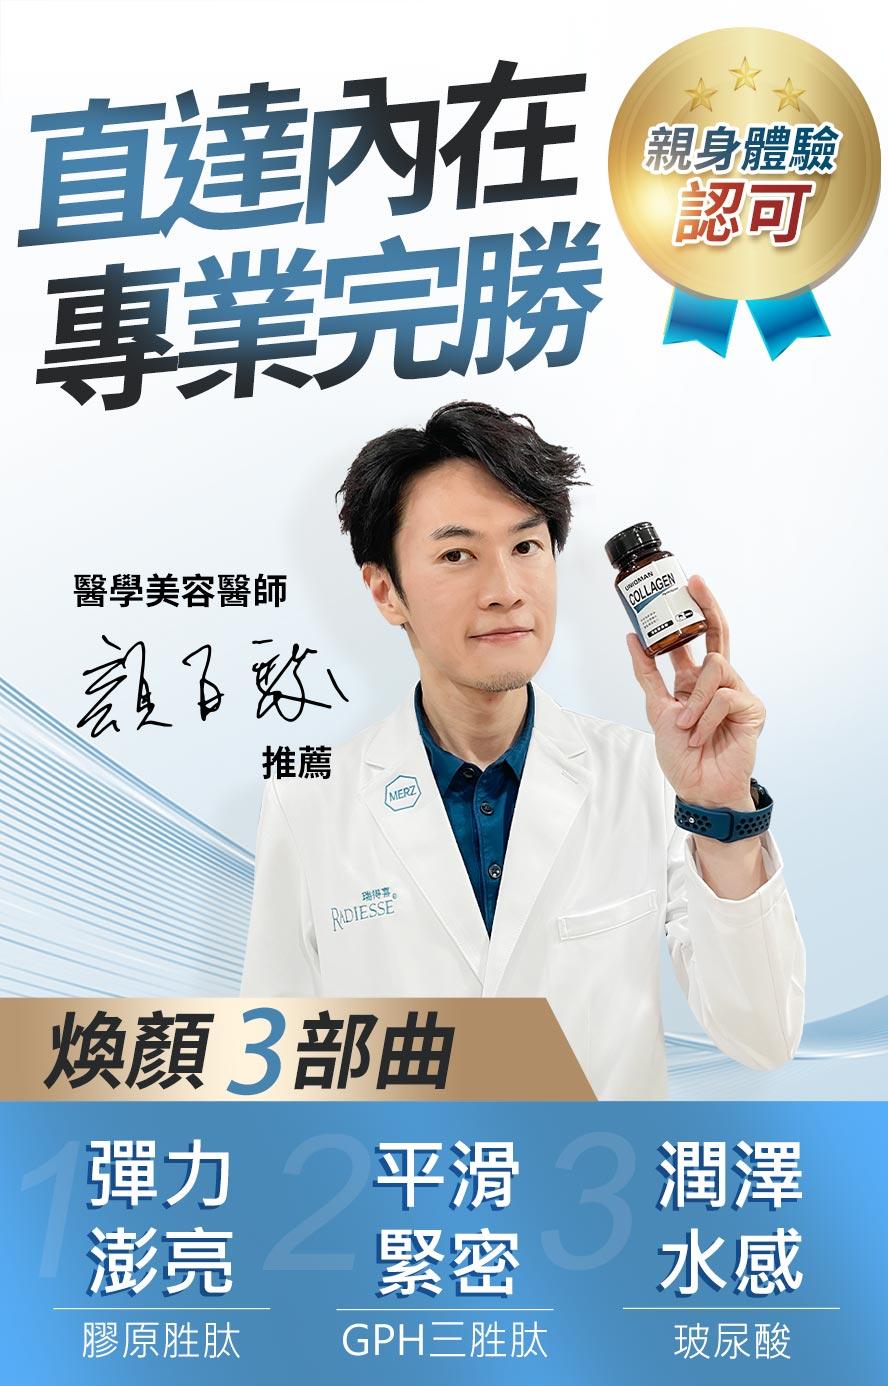 UNIQMAN淨能膠原內含玻尿酸與膠原蛋白加乘,促進肌膚彈性